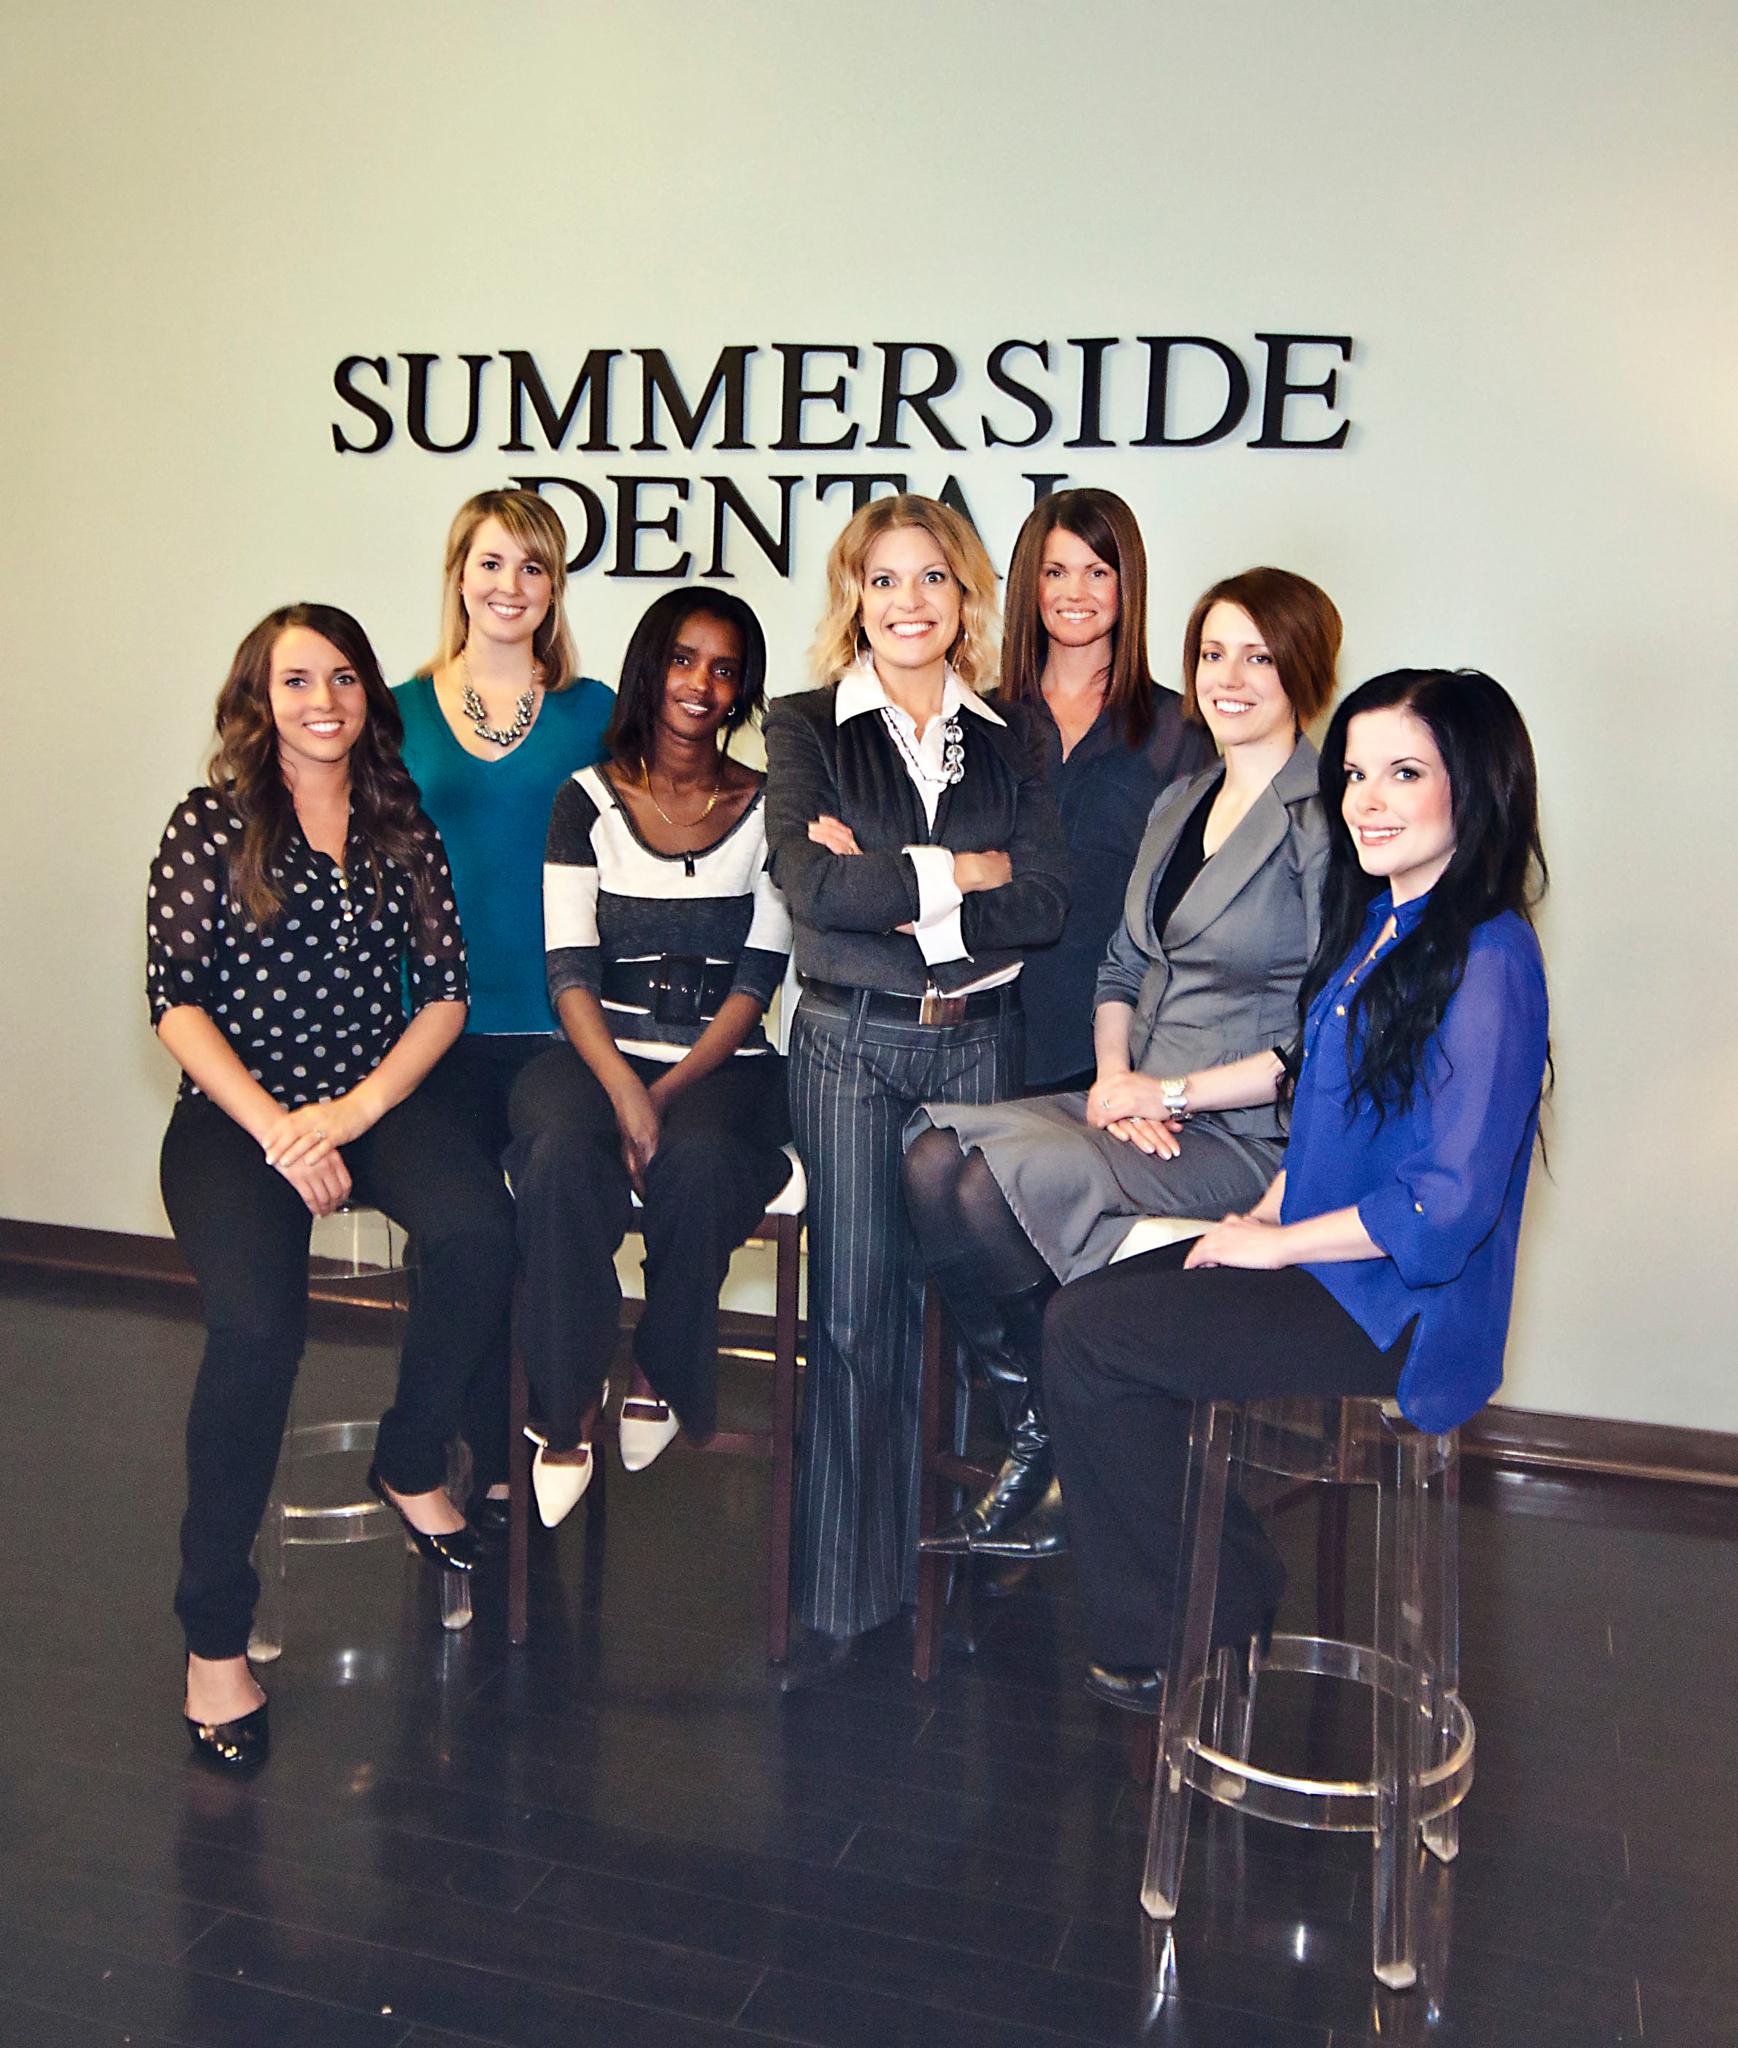 Summerside Dental